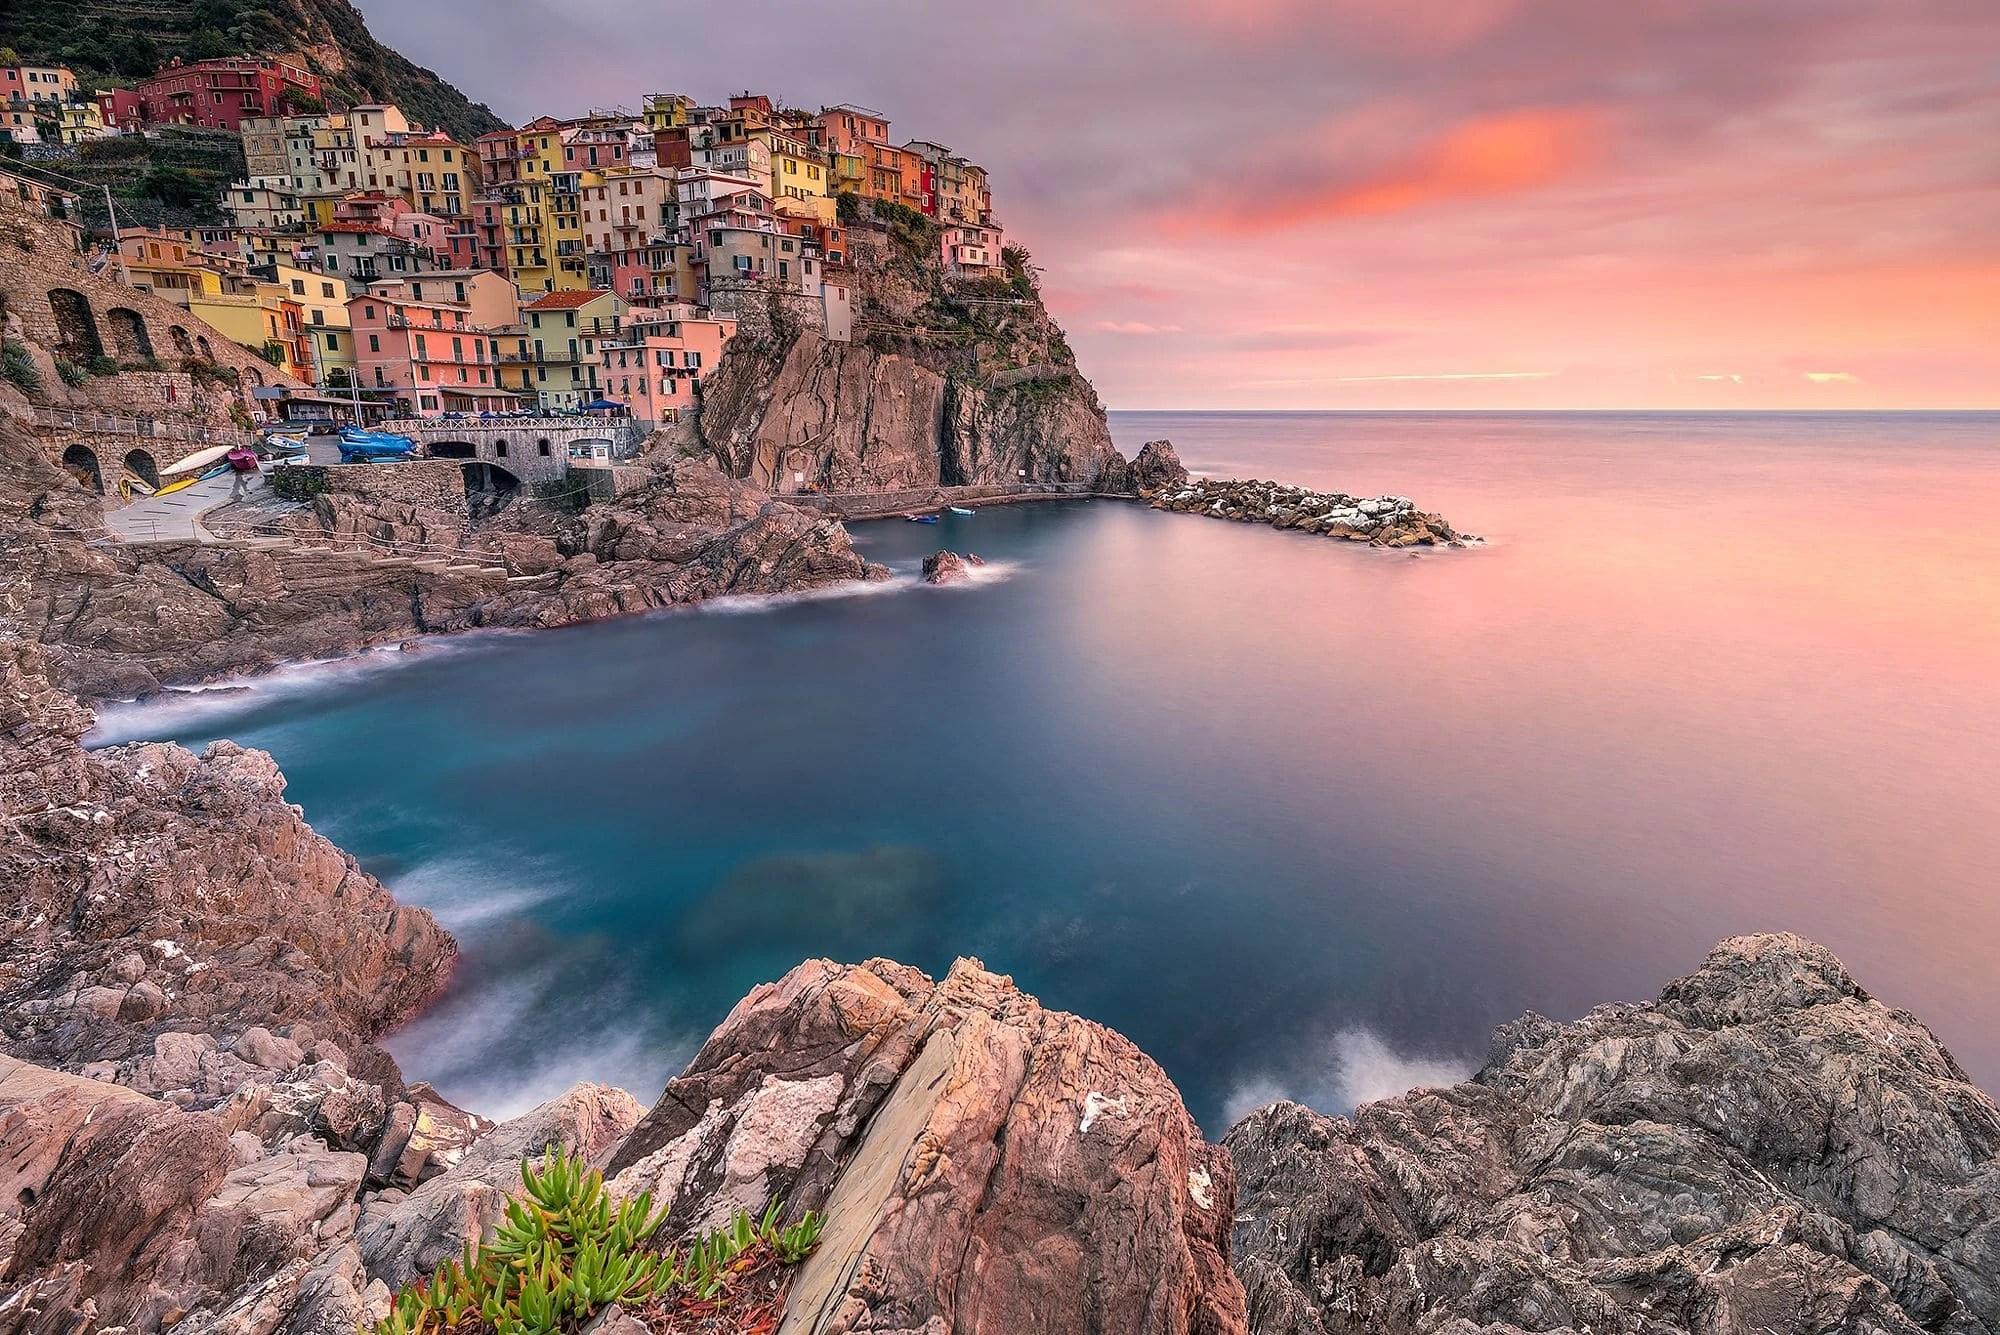 Fotografare i Paesaggi La Messa a Fuoco  NiSi Filters Italia